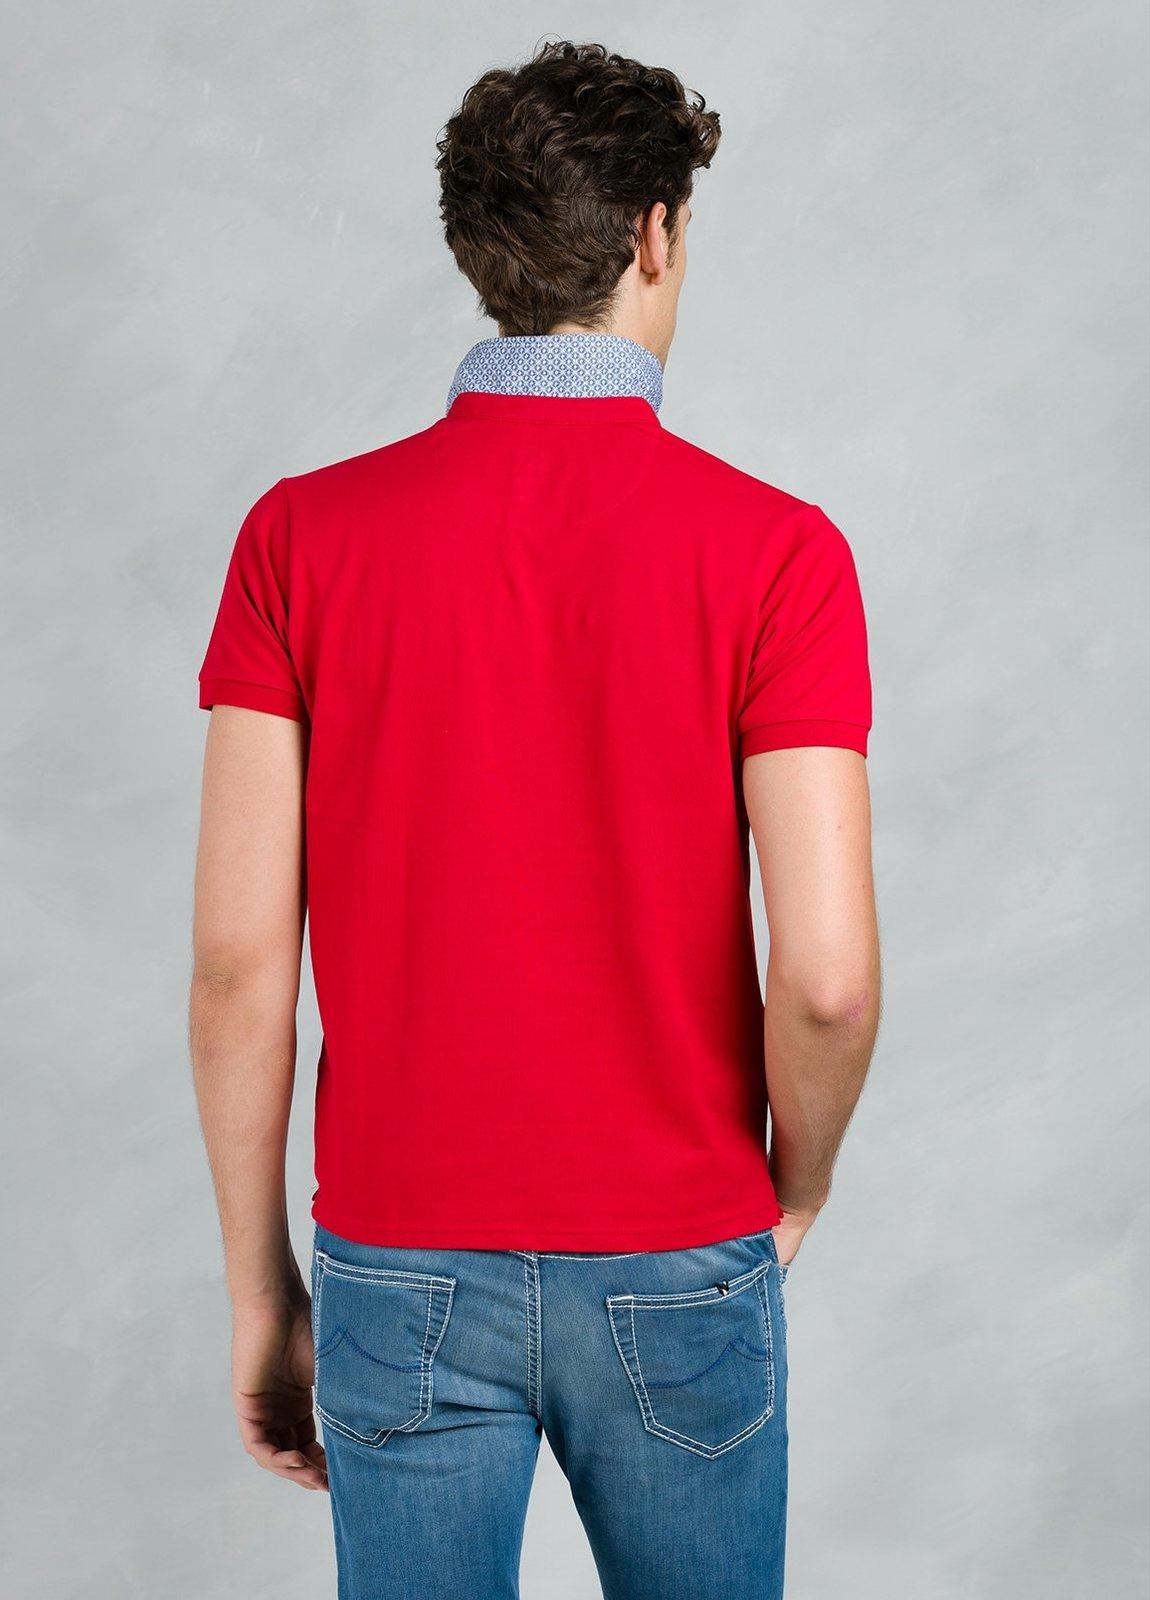 Polo manga corta piquet con bolsillo de ojal, color rojo, 95% Algodón 5% Elastán. - Ítem2